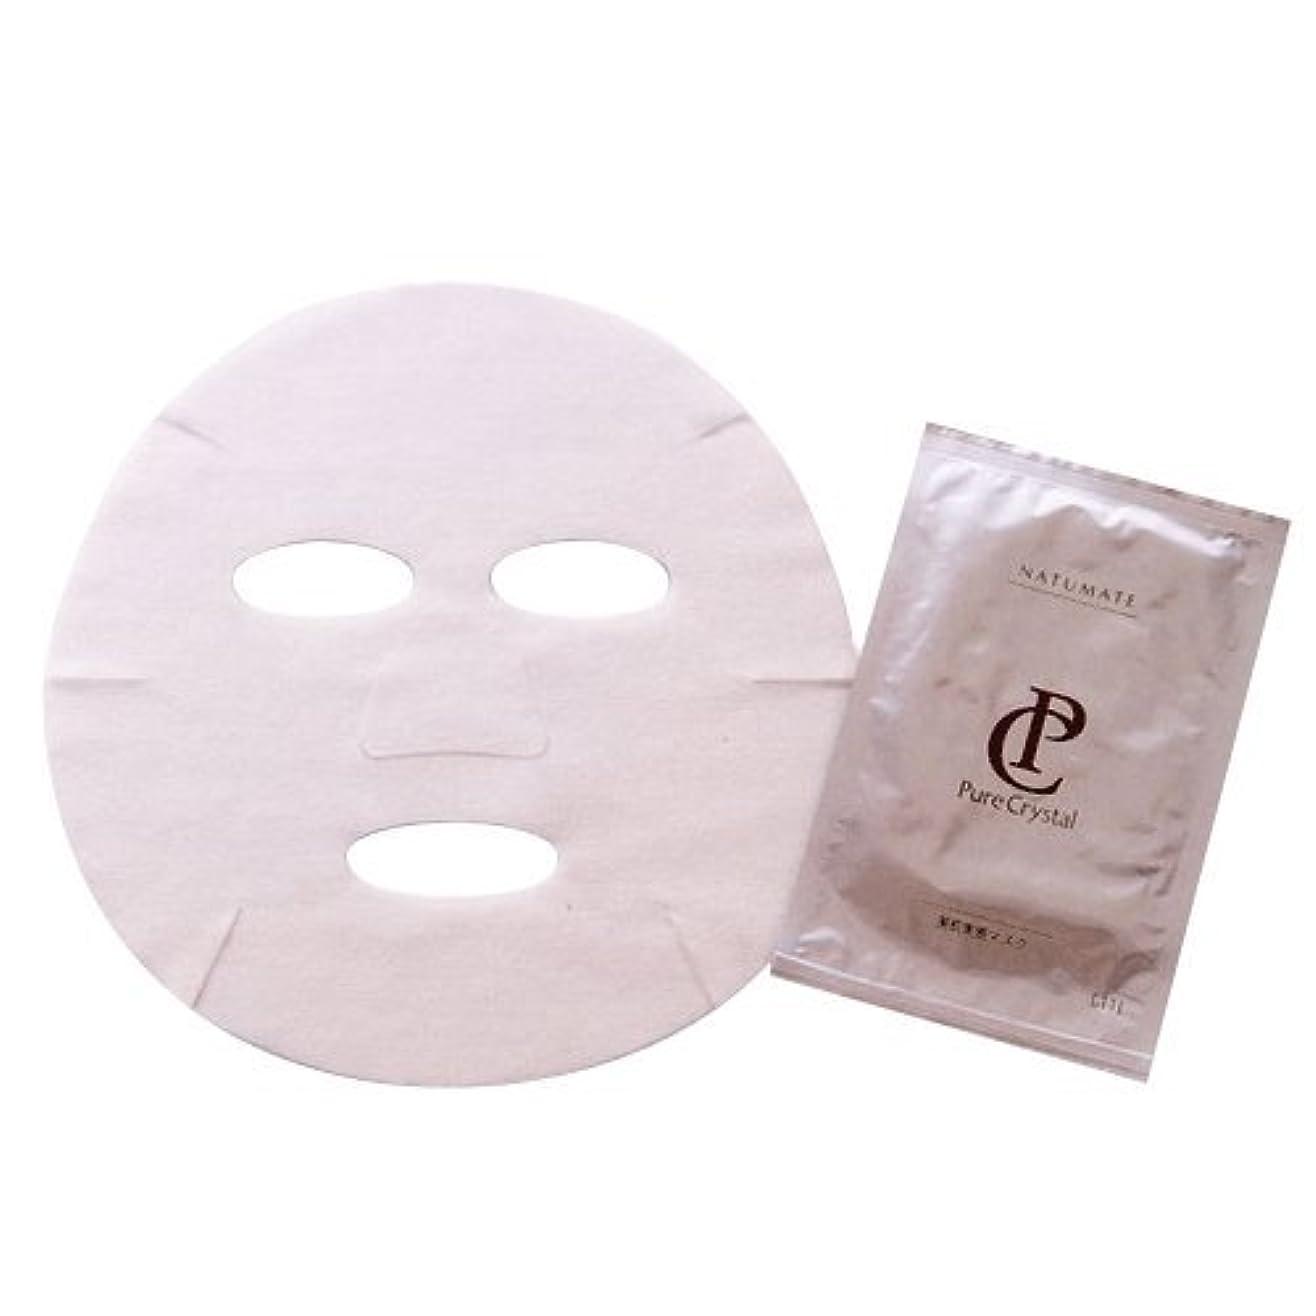 発生整然とした勇気ナチュメイト 美肌実感マスク【8枚入】